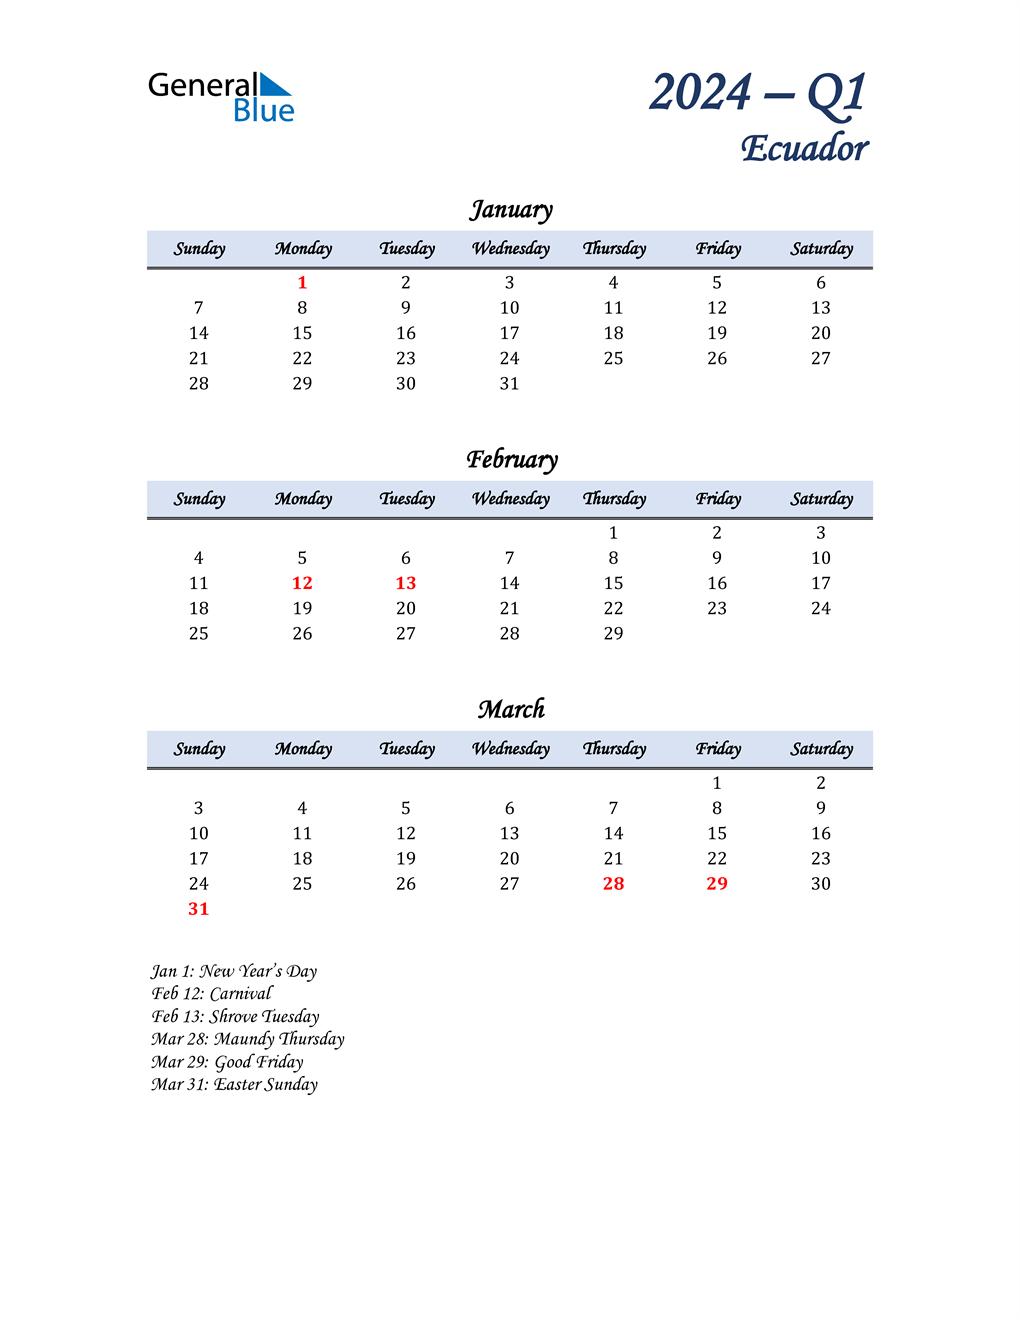 January, February, and March Calendar for Ecuador